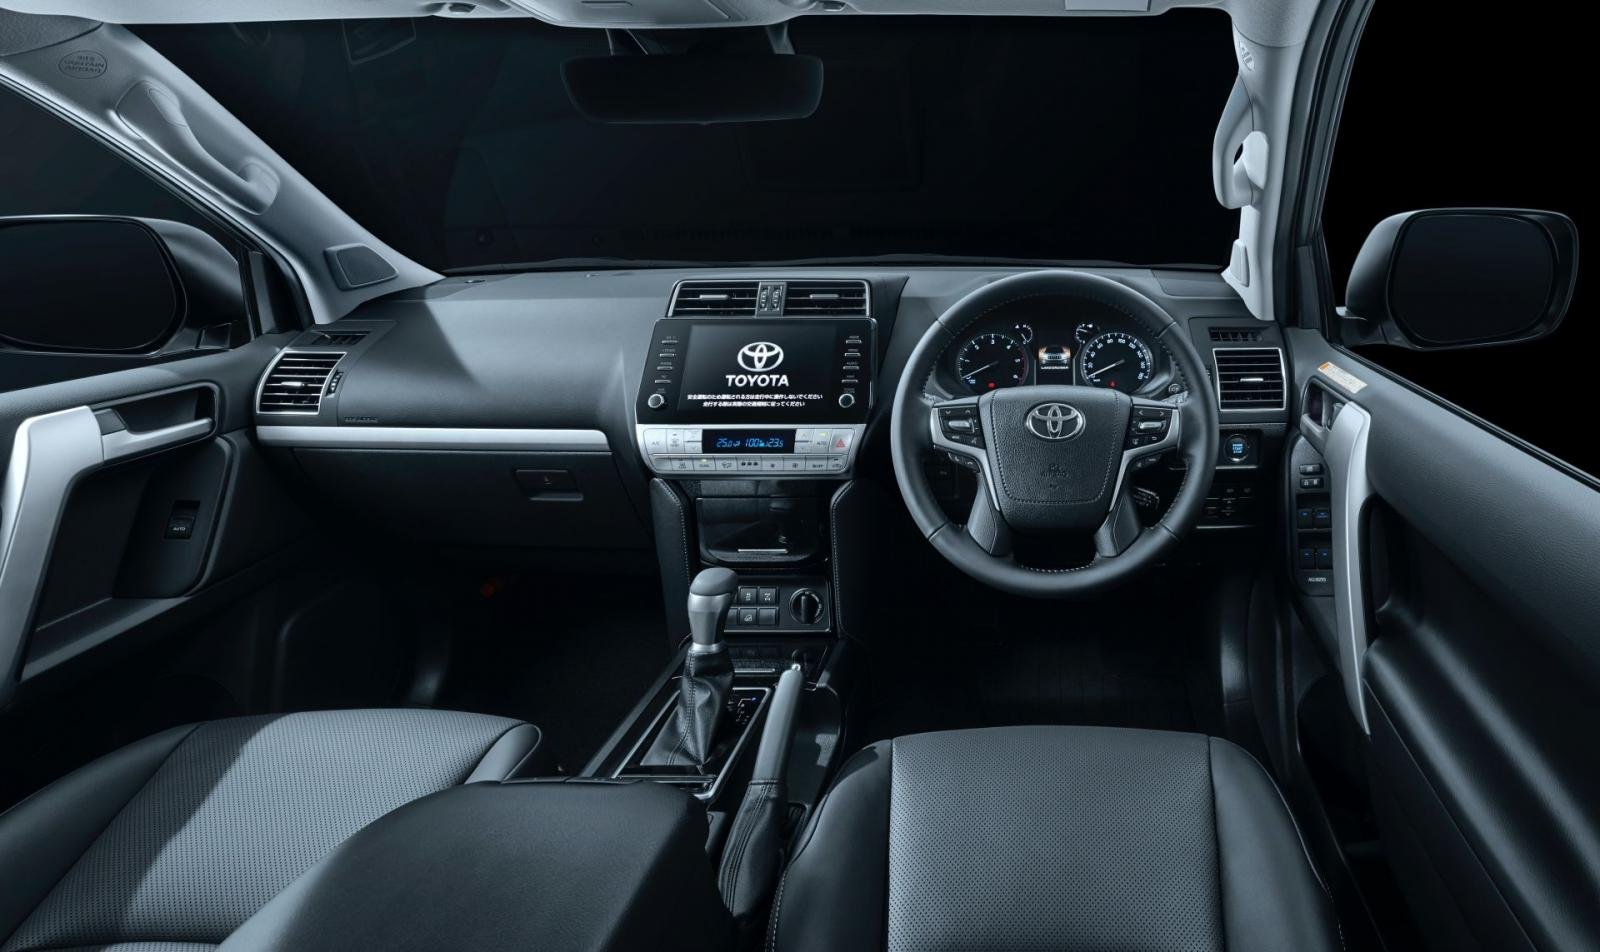 Toyota Land Cruiser Prado 2020 hứa hẹn mang đến trải nghiệm lái thú vị hơn.